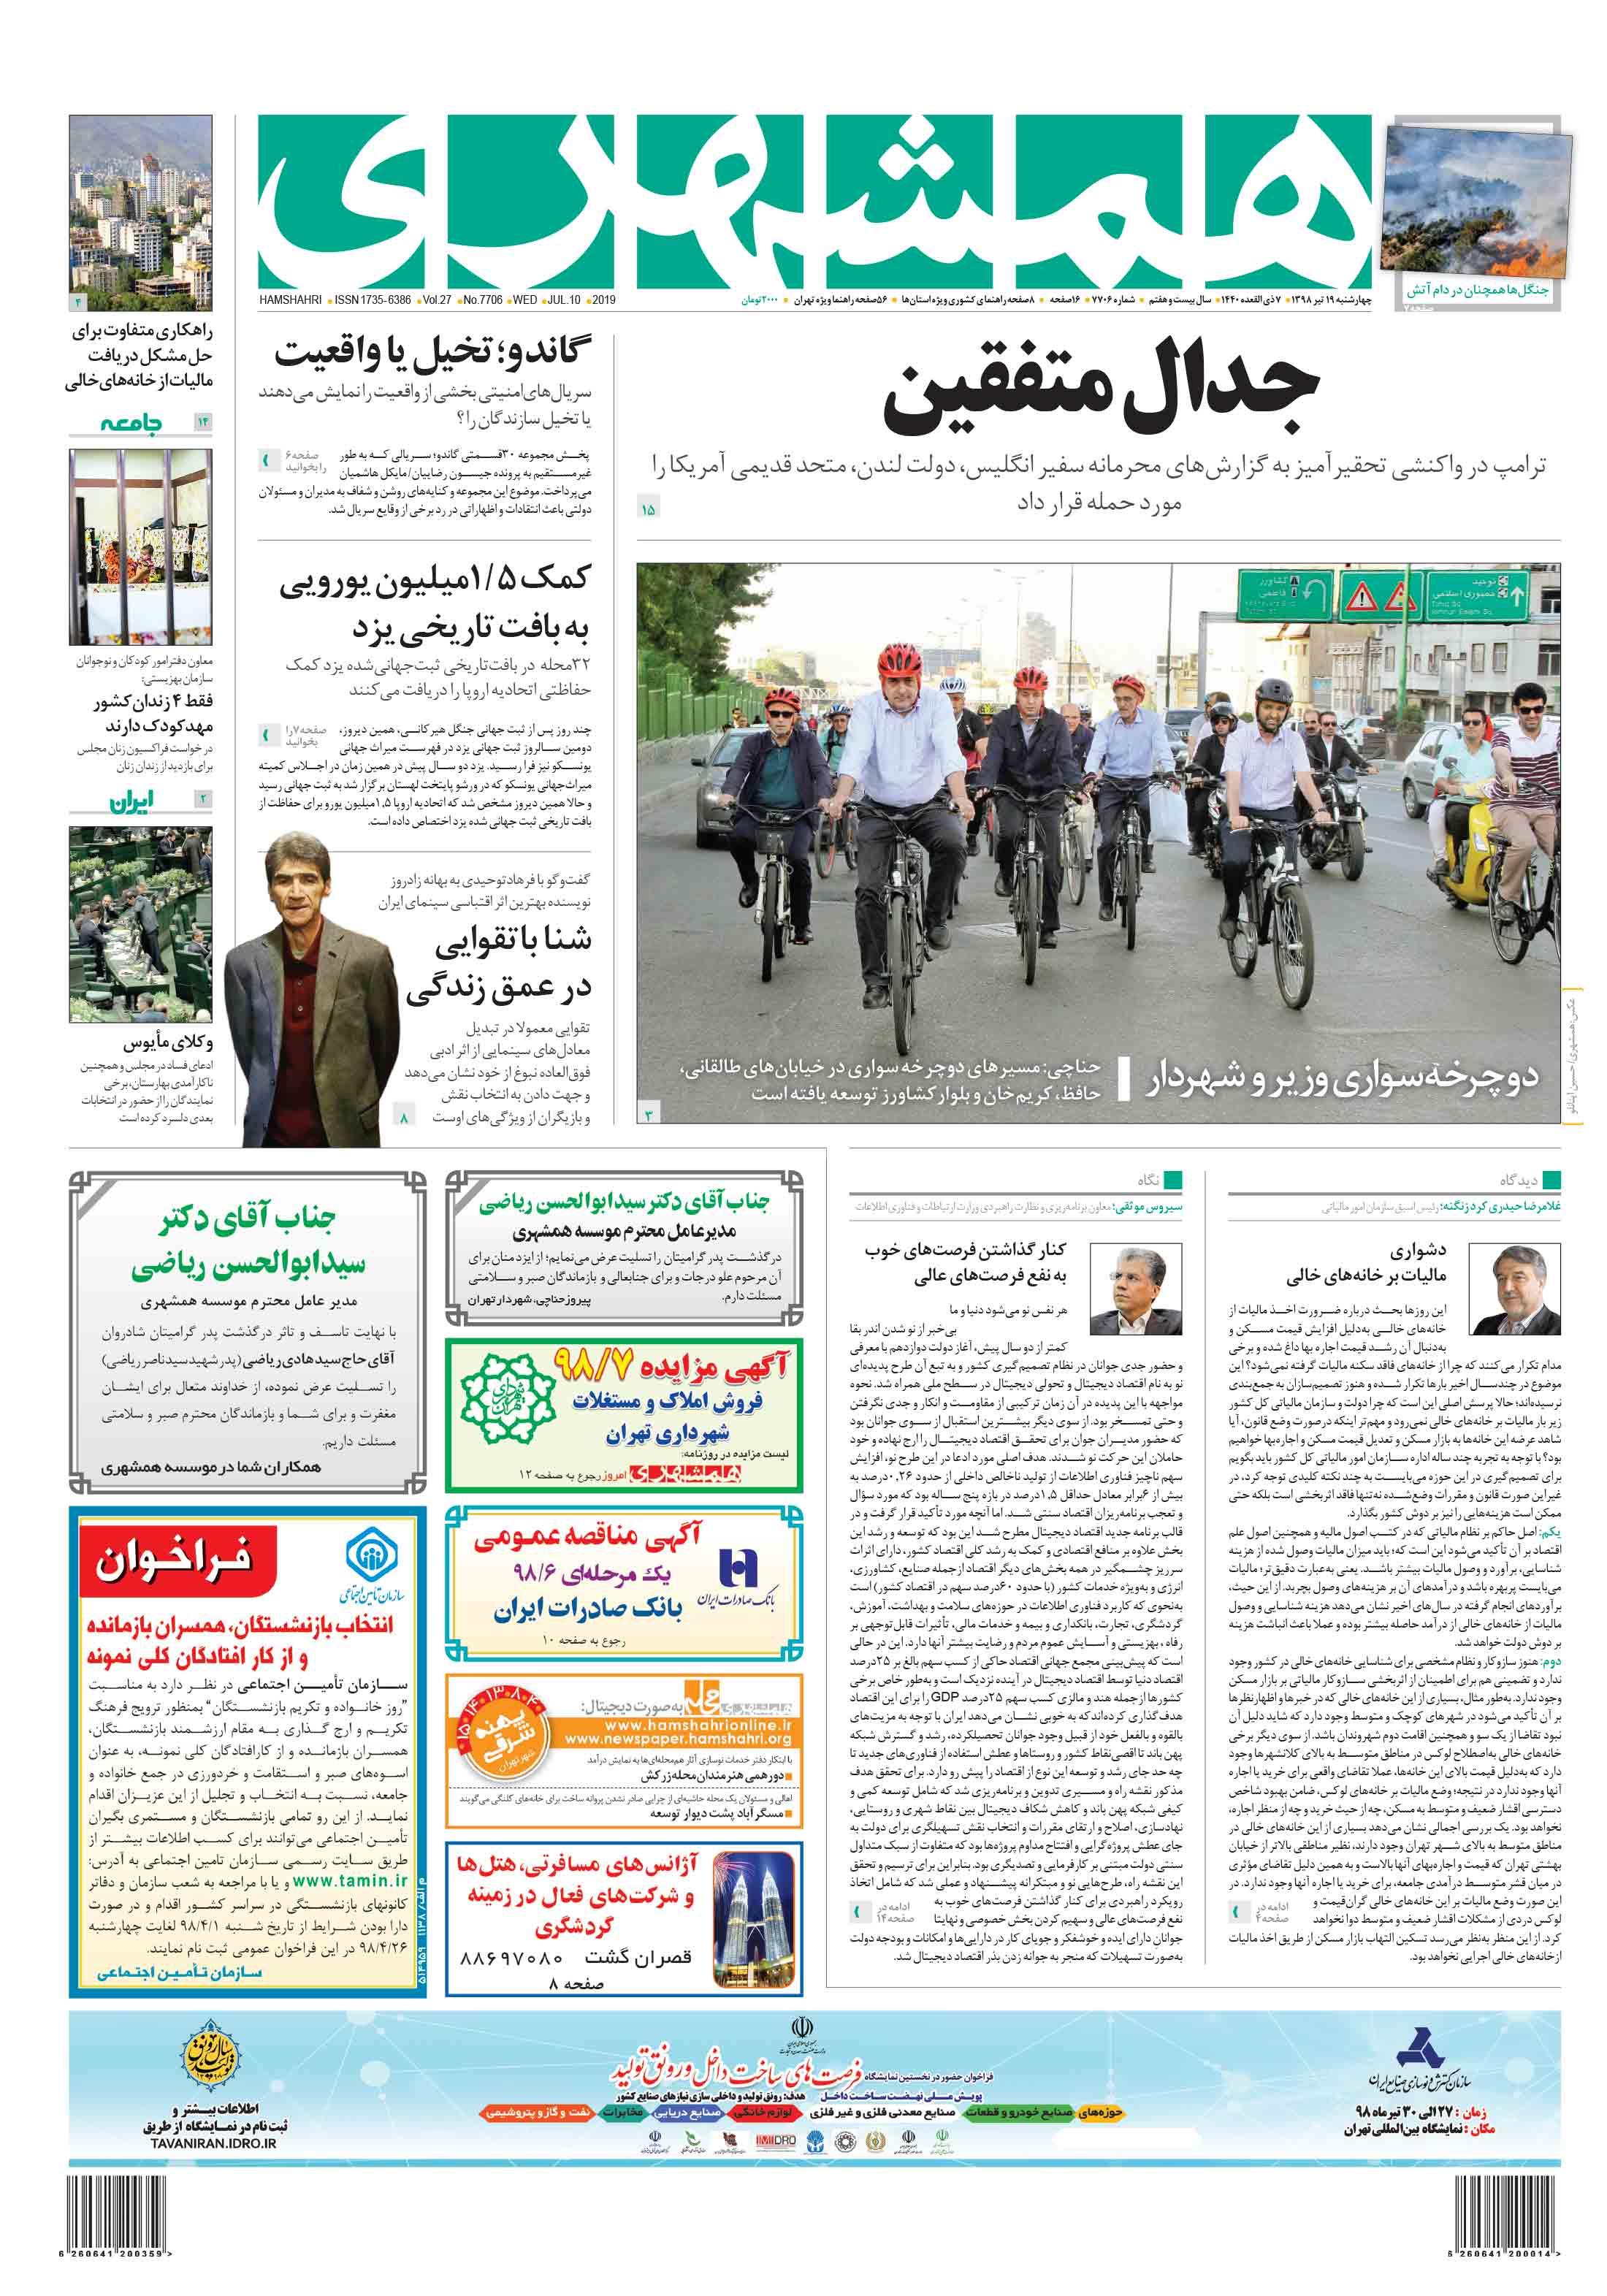 صفحه اول چهارشنبه 19 تیر 1398